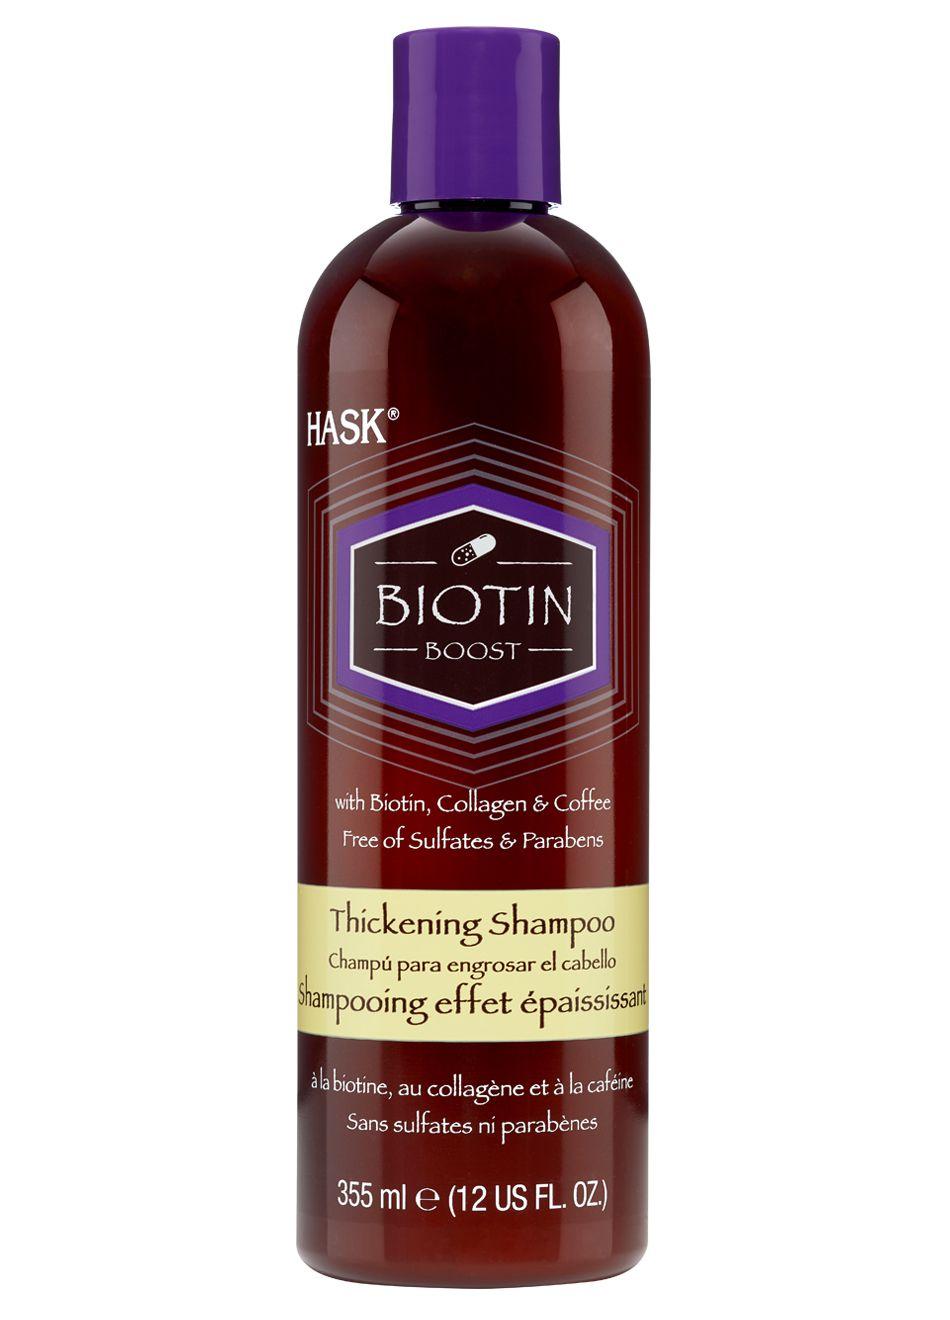 Hask Biotin Boost Thickening Shampoo